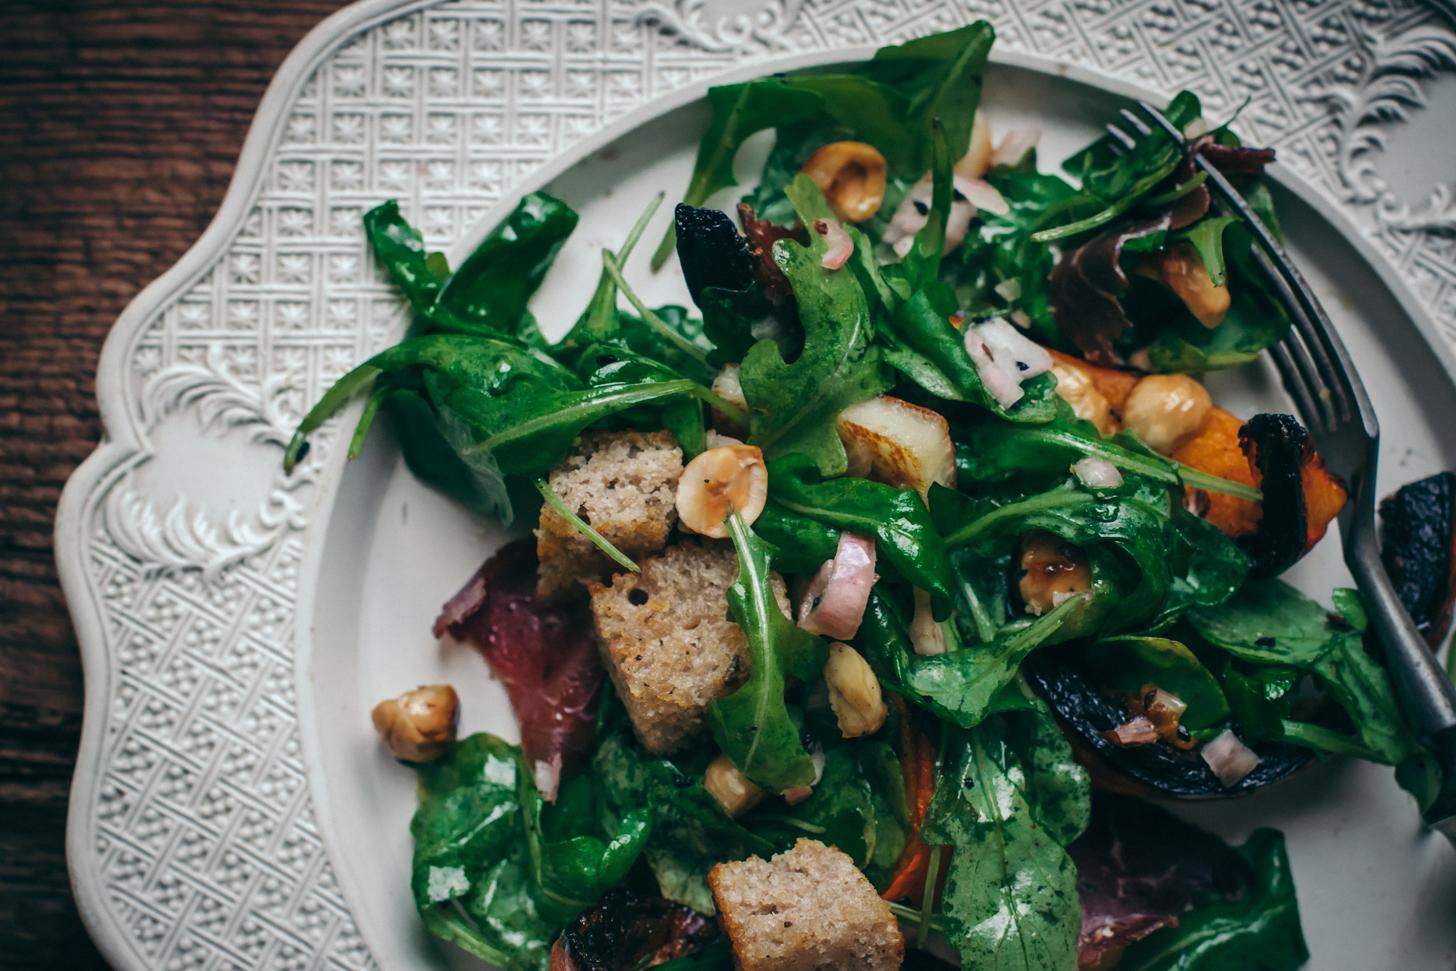 Fall Panzanella Salad with Roasted Squash